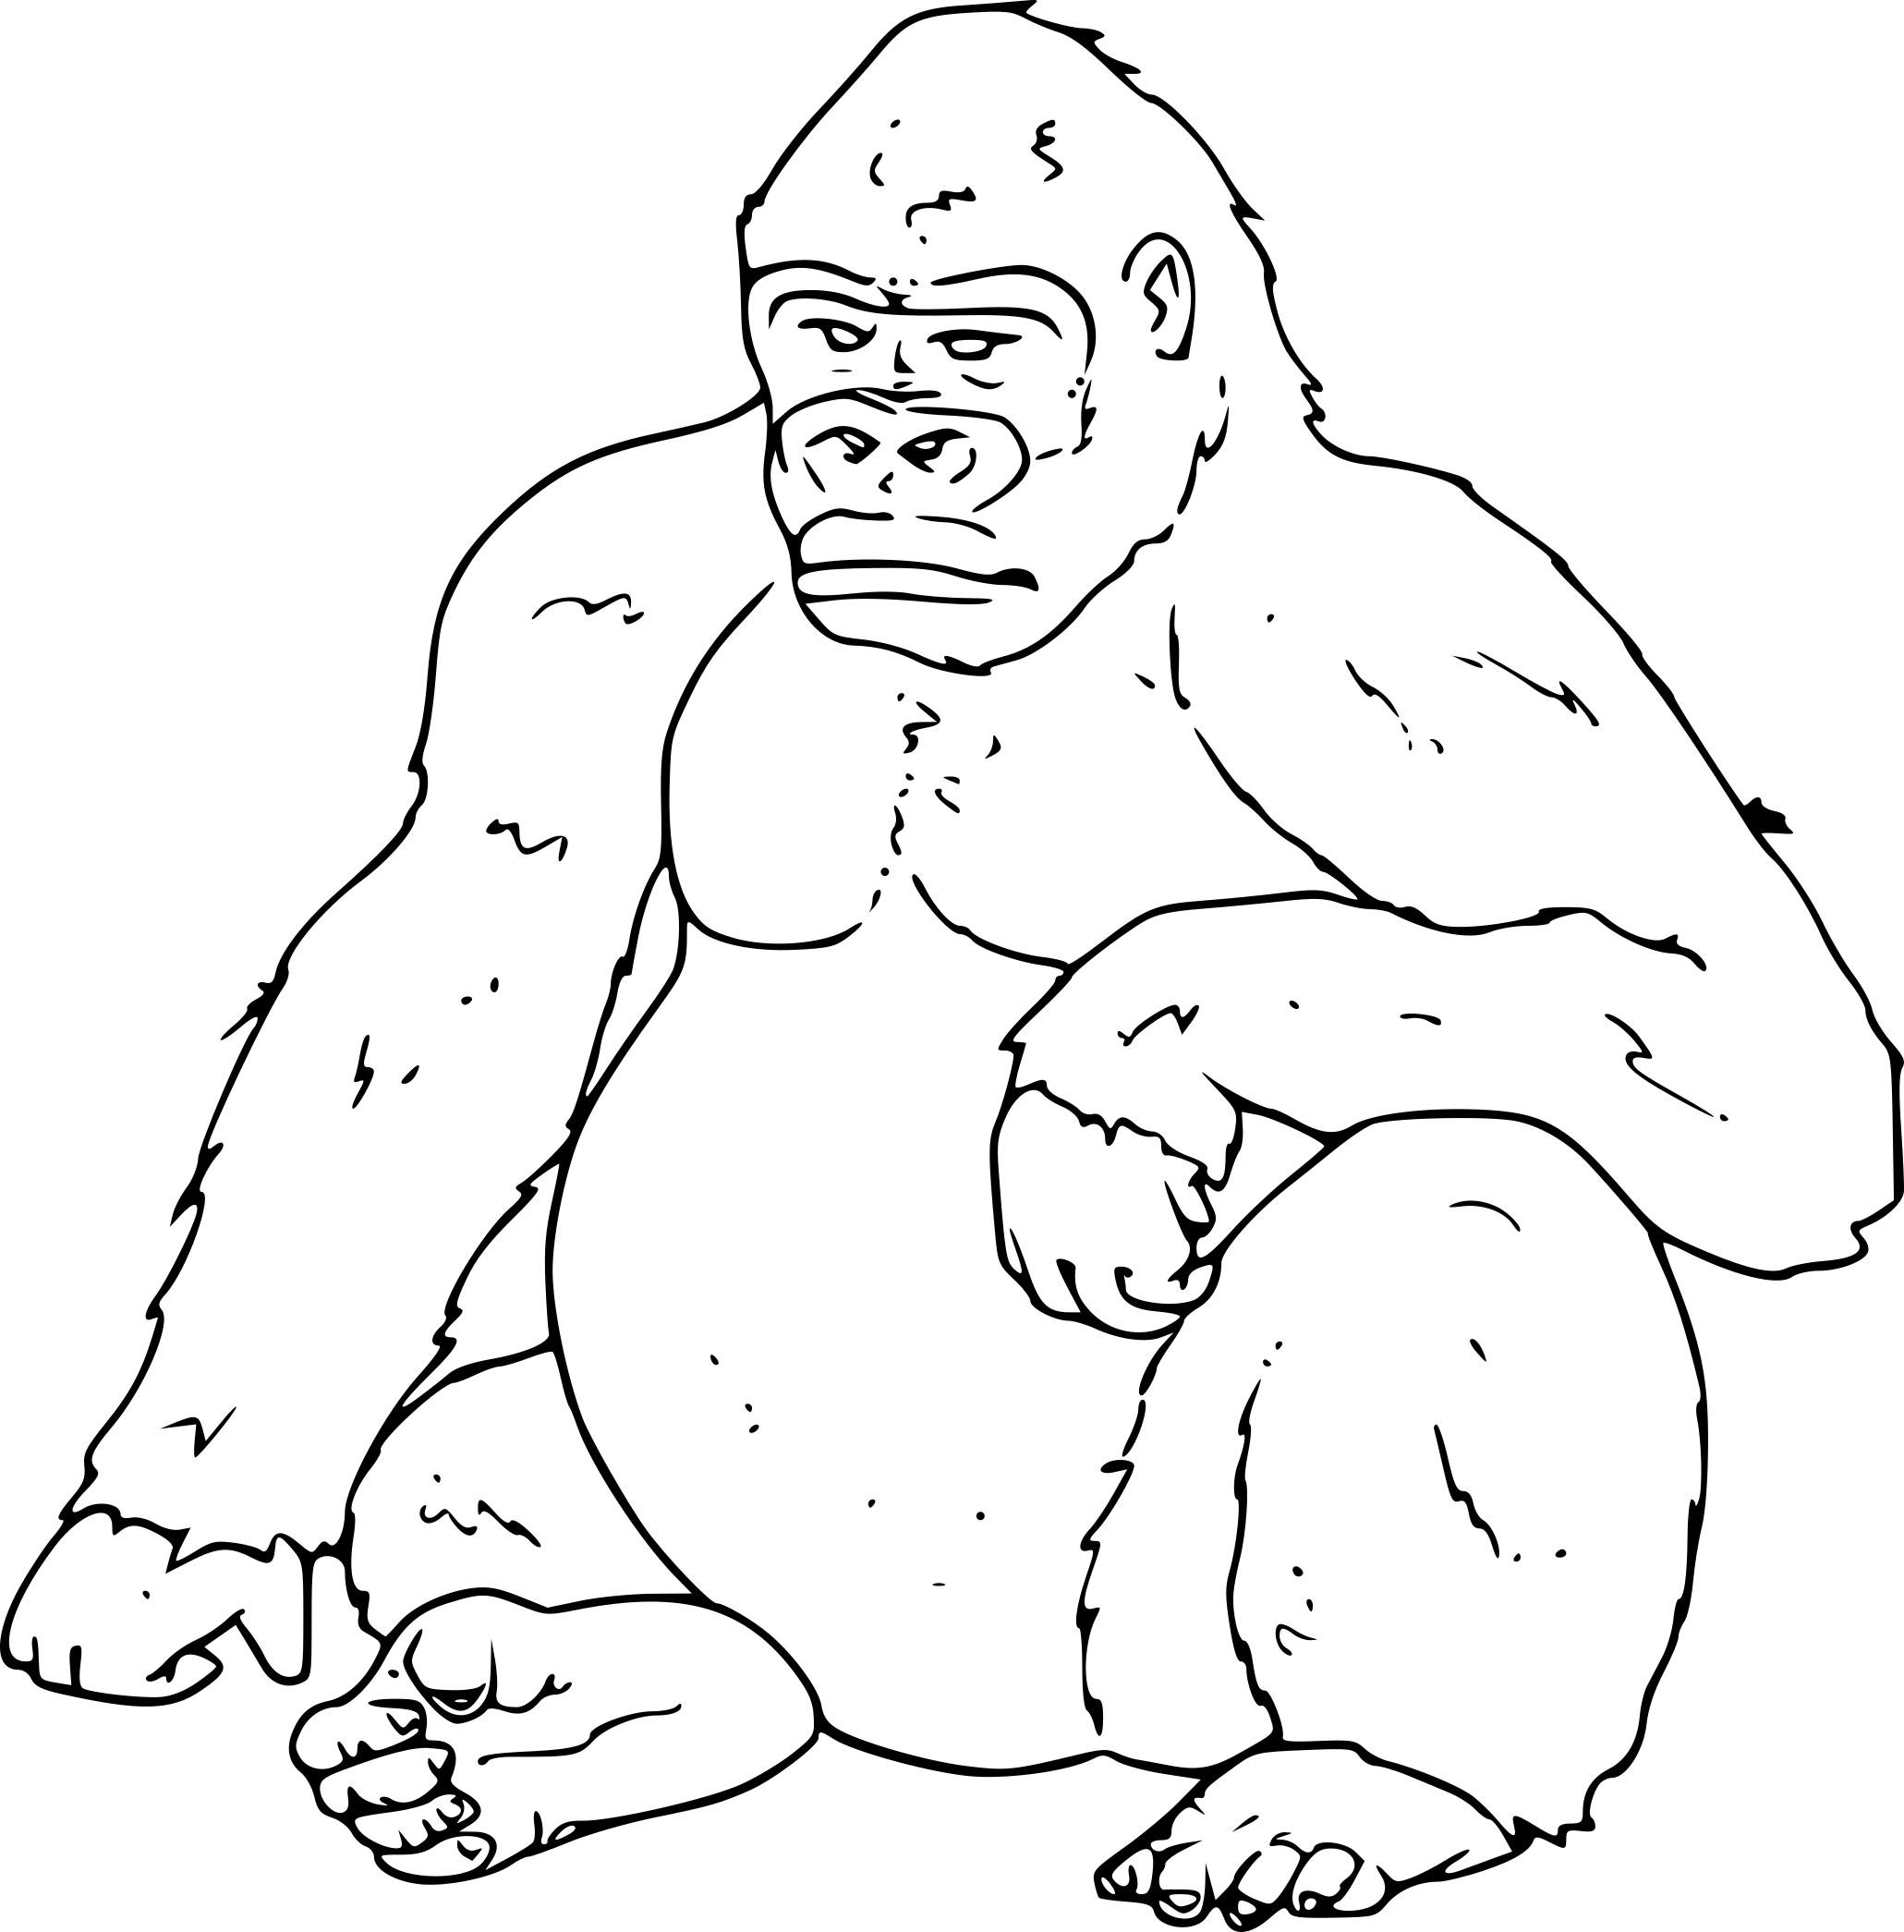 Coloriage Gorille À Imprimer destiné Coloriage Gorille